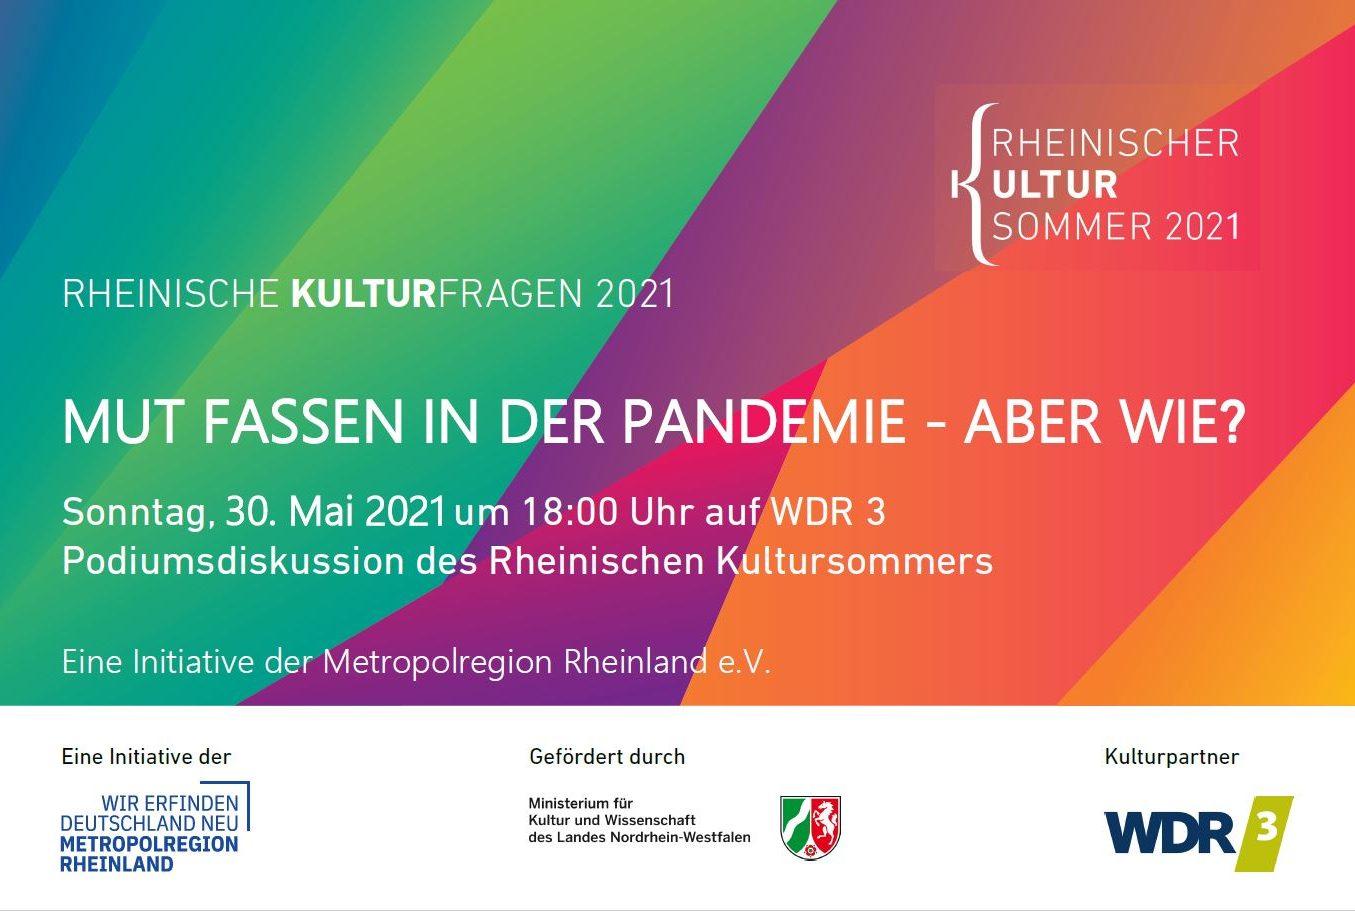 """Mut fassen in der Pandemie - aber wie? Hochkarätig besetzte Talkrunde zu den """"Rheinischen Kulturfragen"""" im WDR3-Radio hören"""